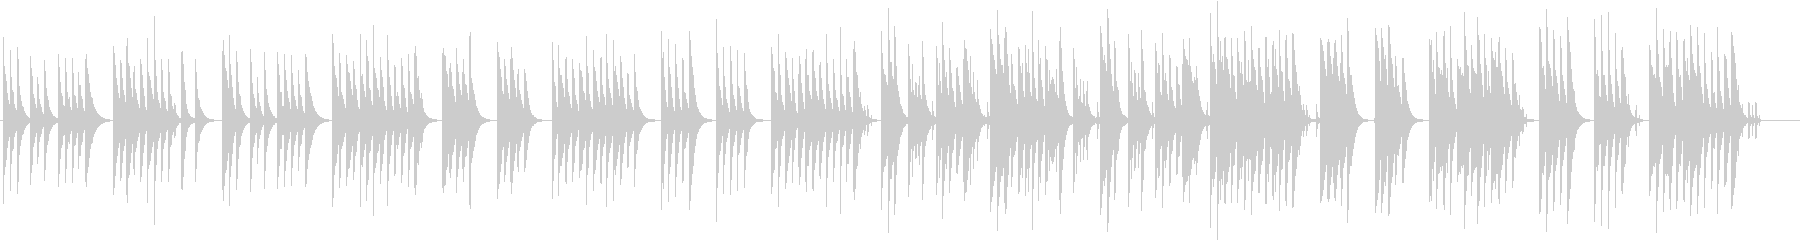 木琴の音が特徴のほのぼのとしたかわいい曲の未再生の波形